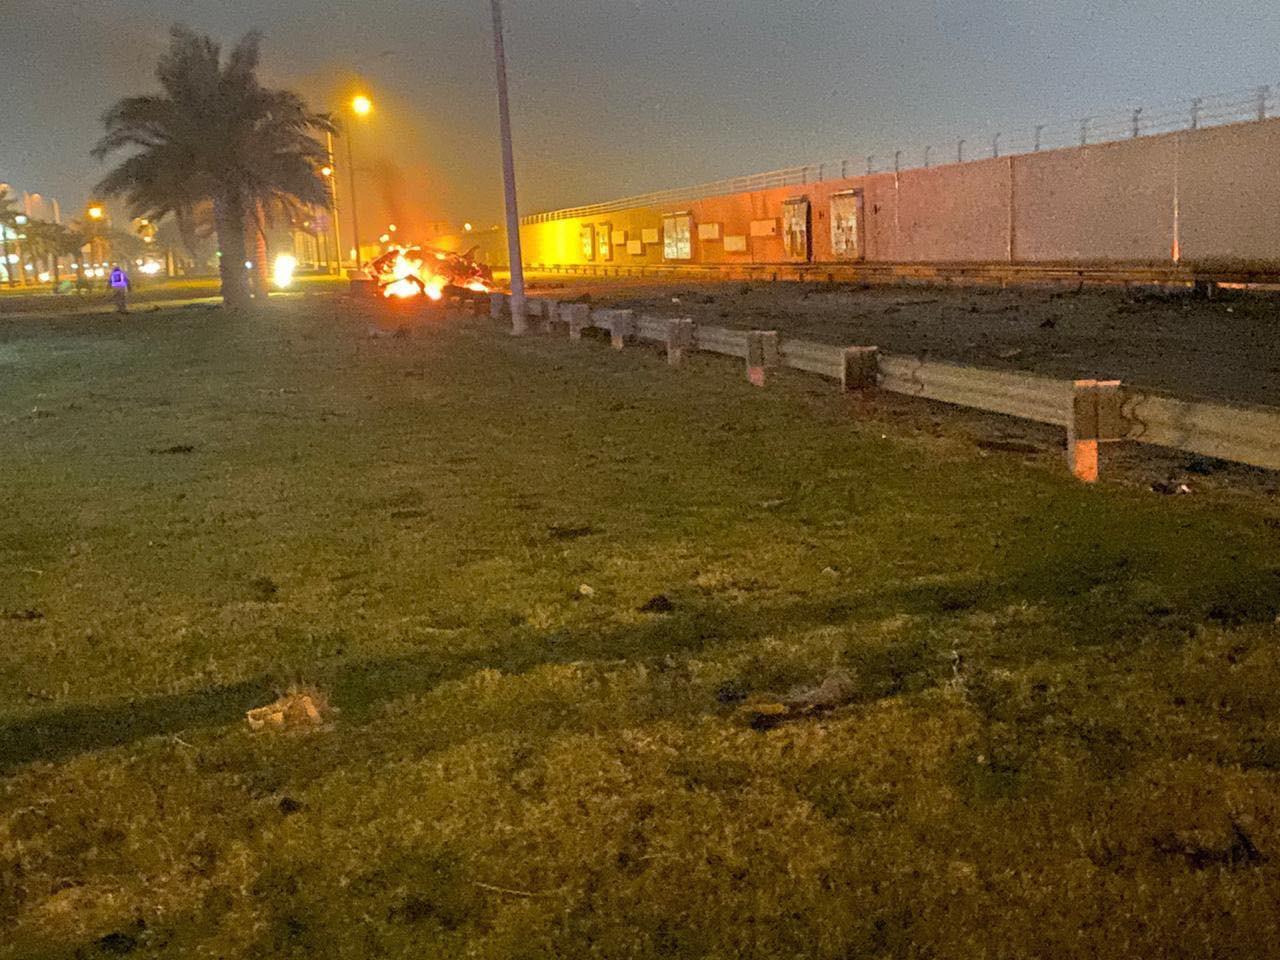 当地时间1月3日早晨,按照伊拉克坦然部分发布的声明,巴格达国际机场附近遭到三枚导弹攻击,两部车辆被炸毁。另据其他新闻源称,人民动员结构领导人阿布·迈赫迪·穆罕迪斯与伊朗伊斯兰革命卫队领导人卡西姆·苏莱马尼在空袭中身亡。(央视记者 付新日)